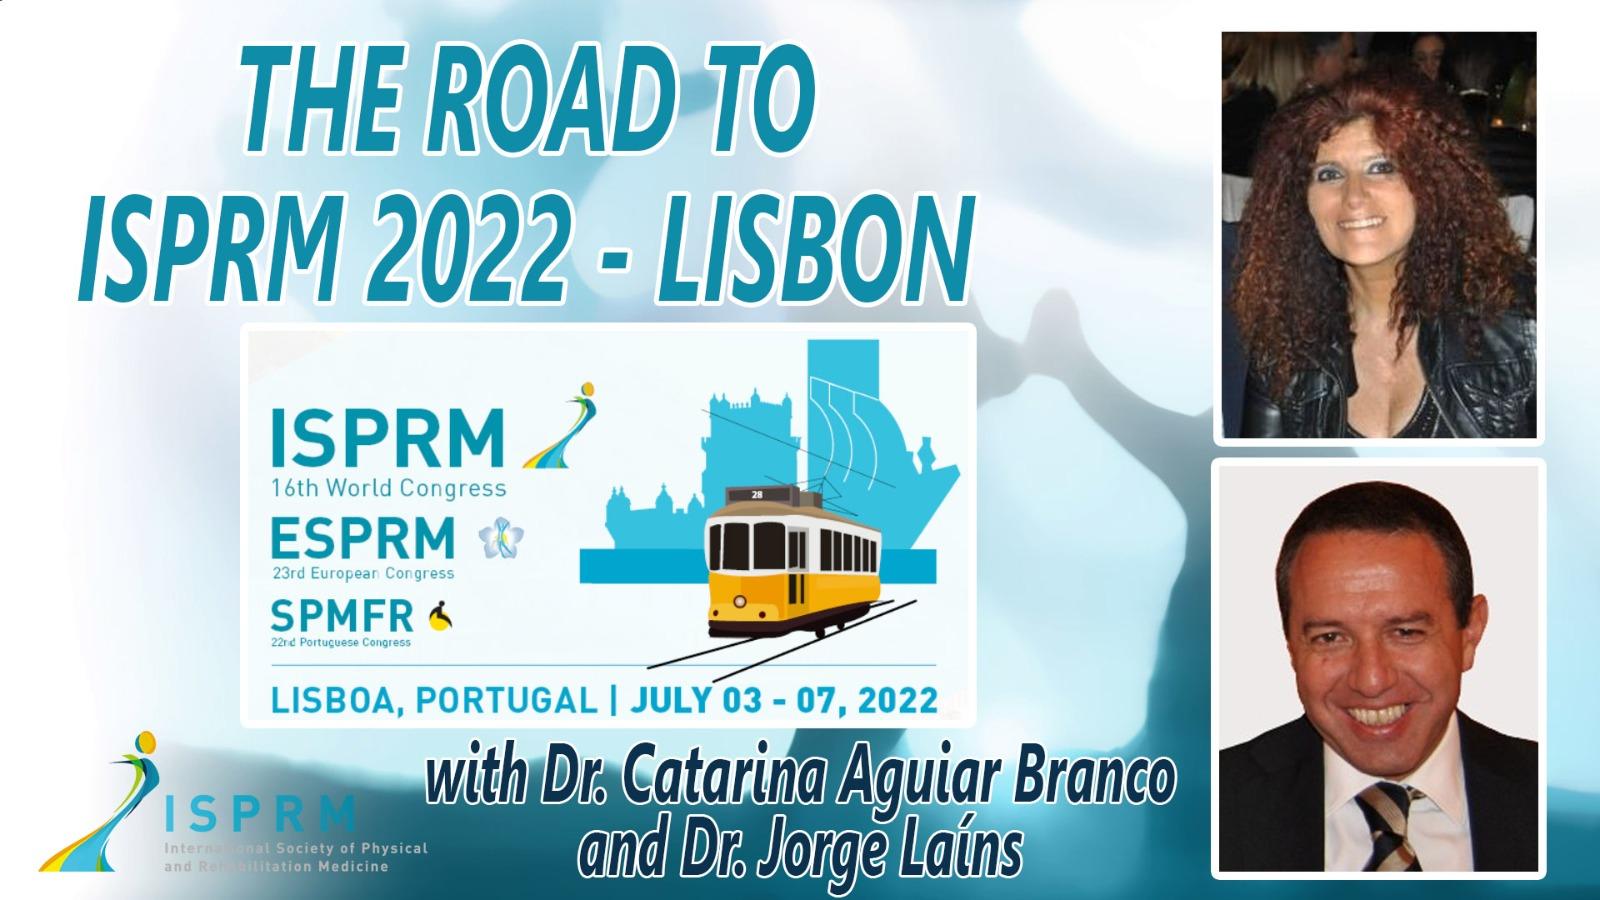 ISPRM 2022 Live